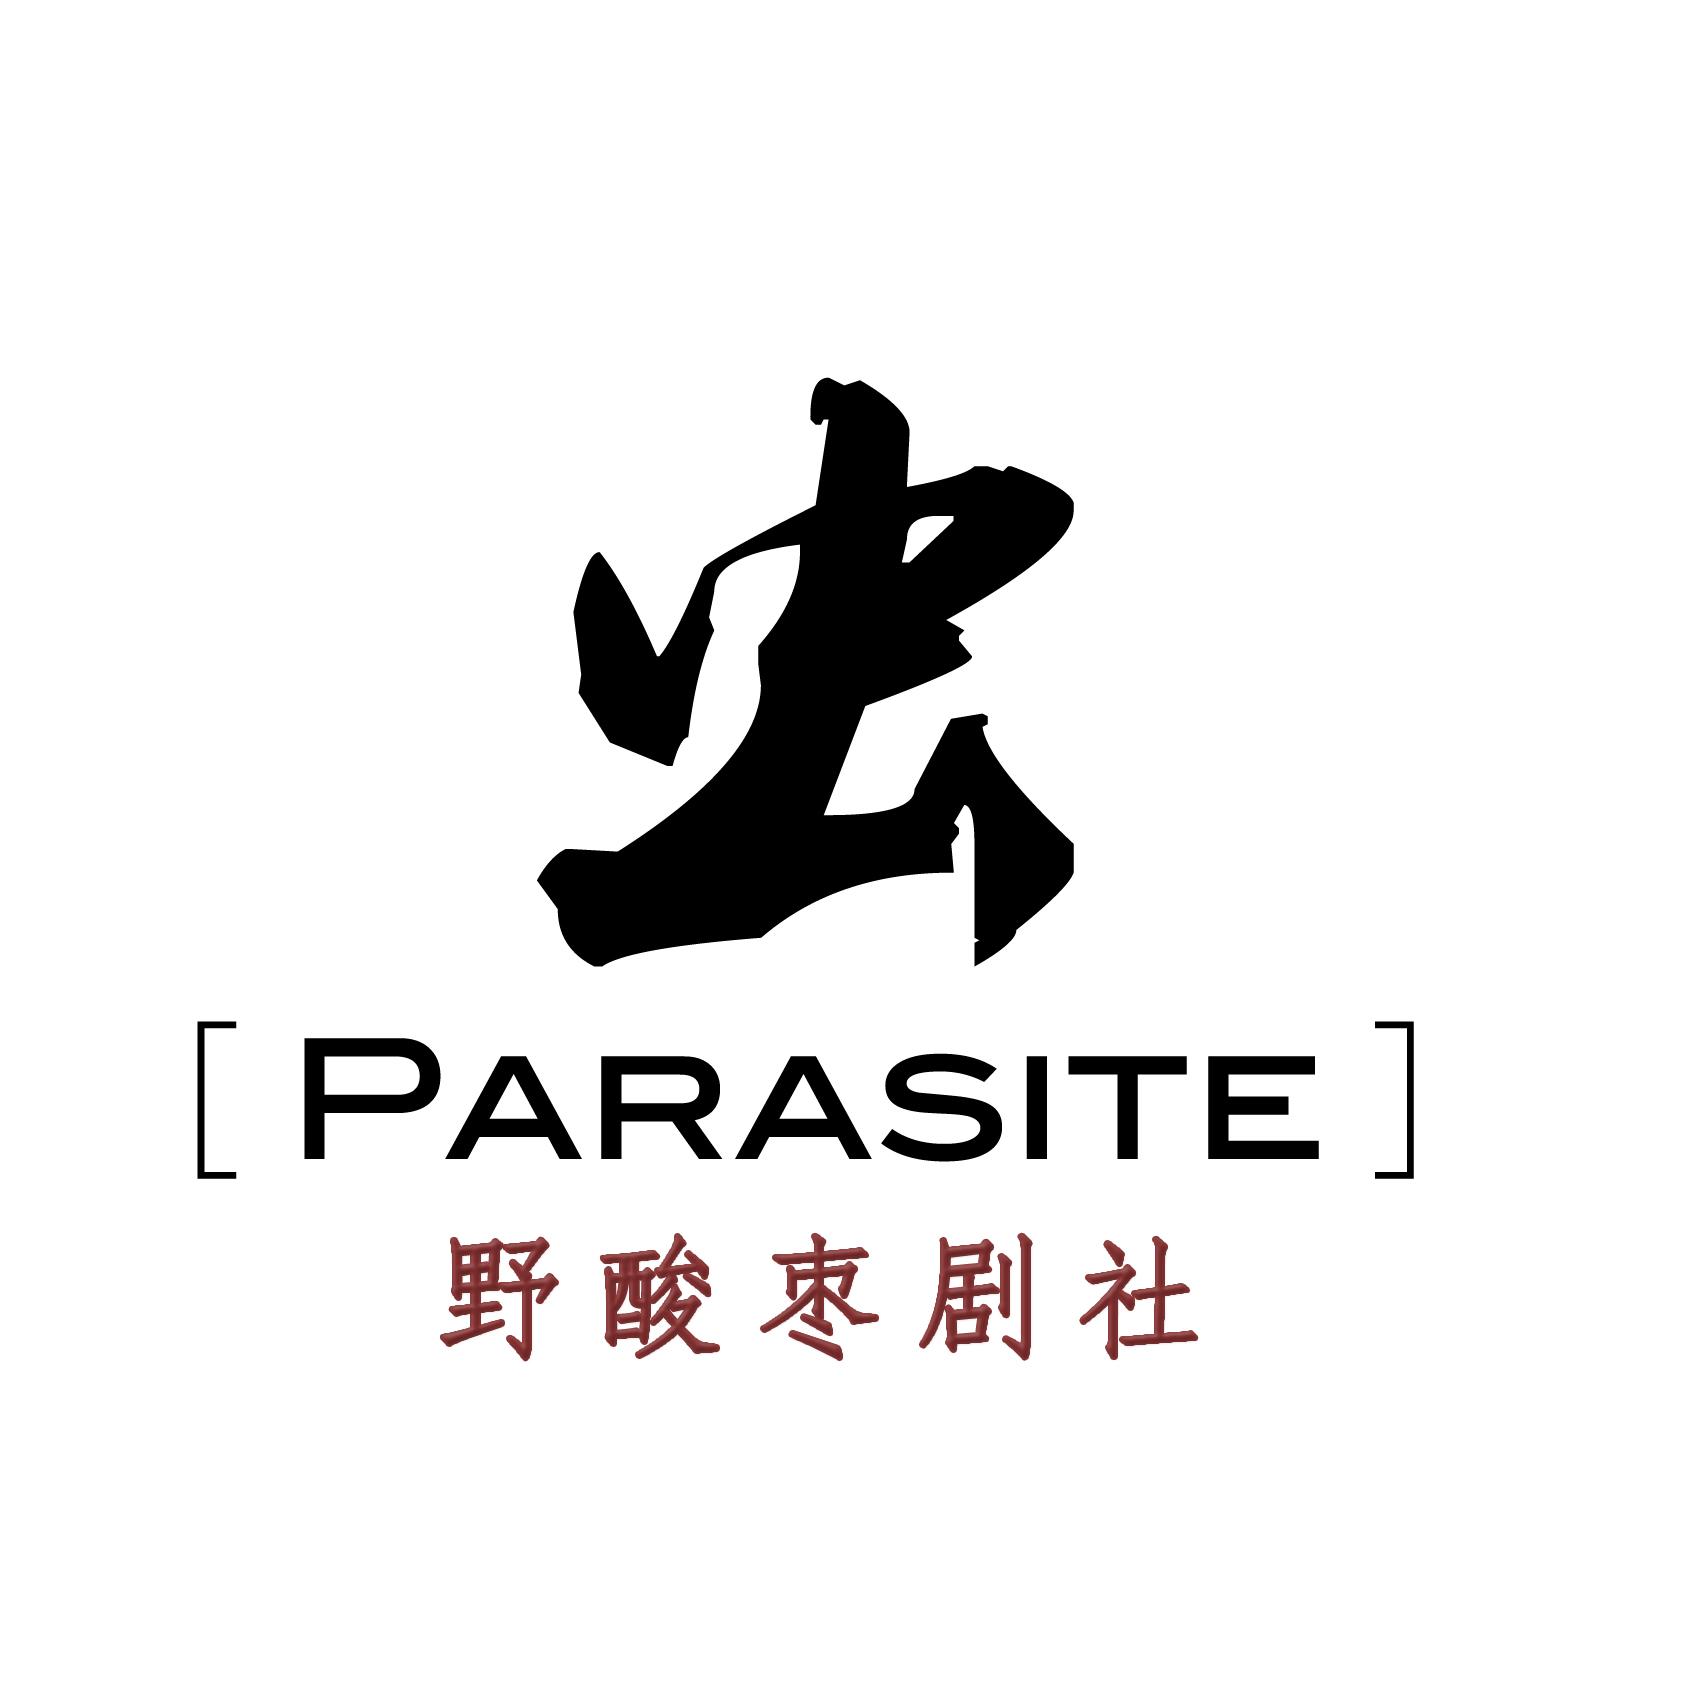 'Parasite' Logo